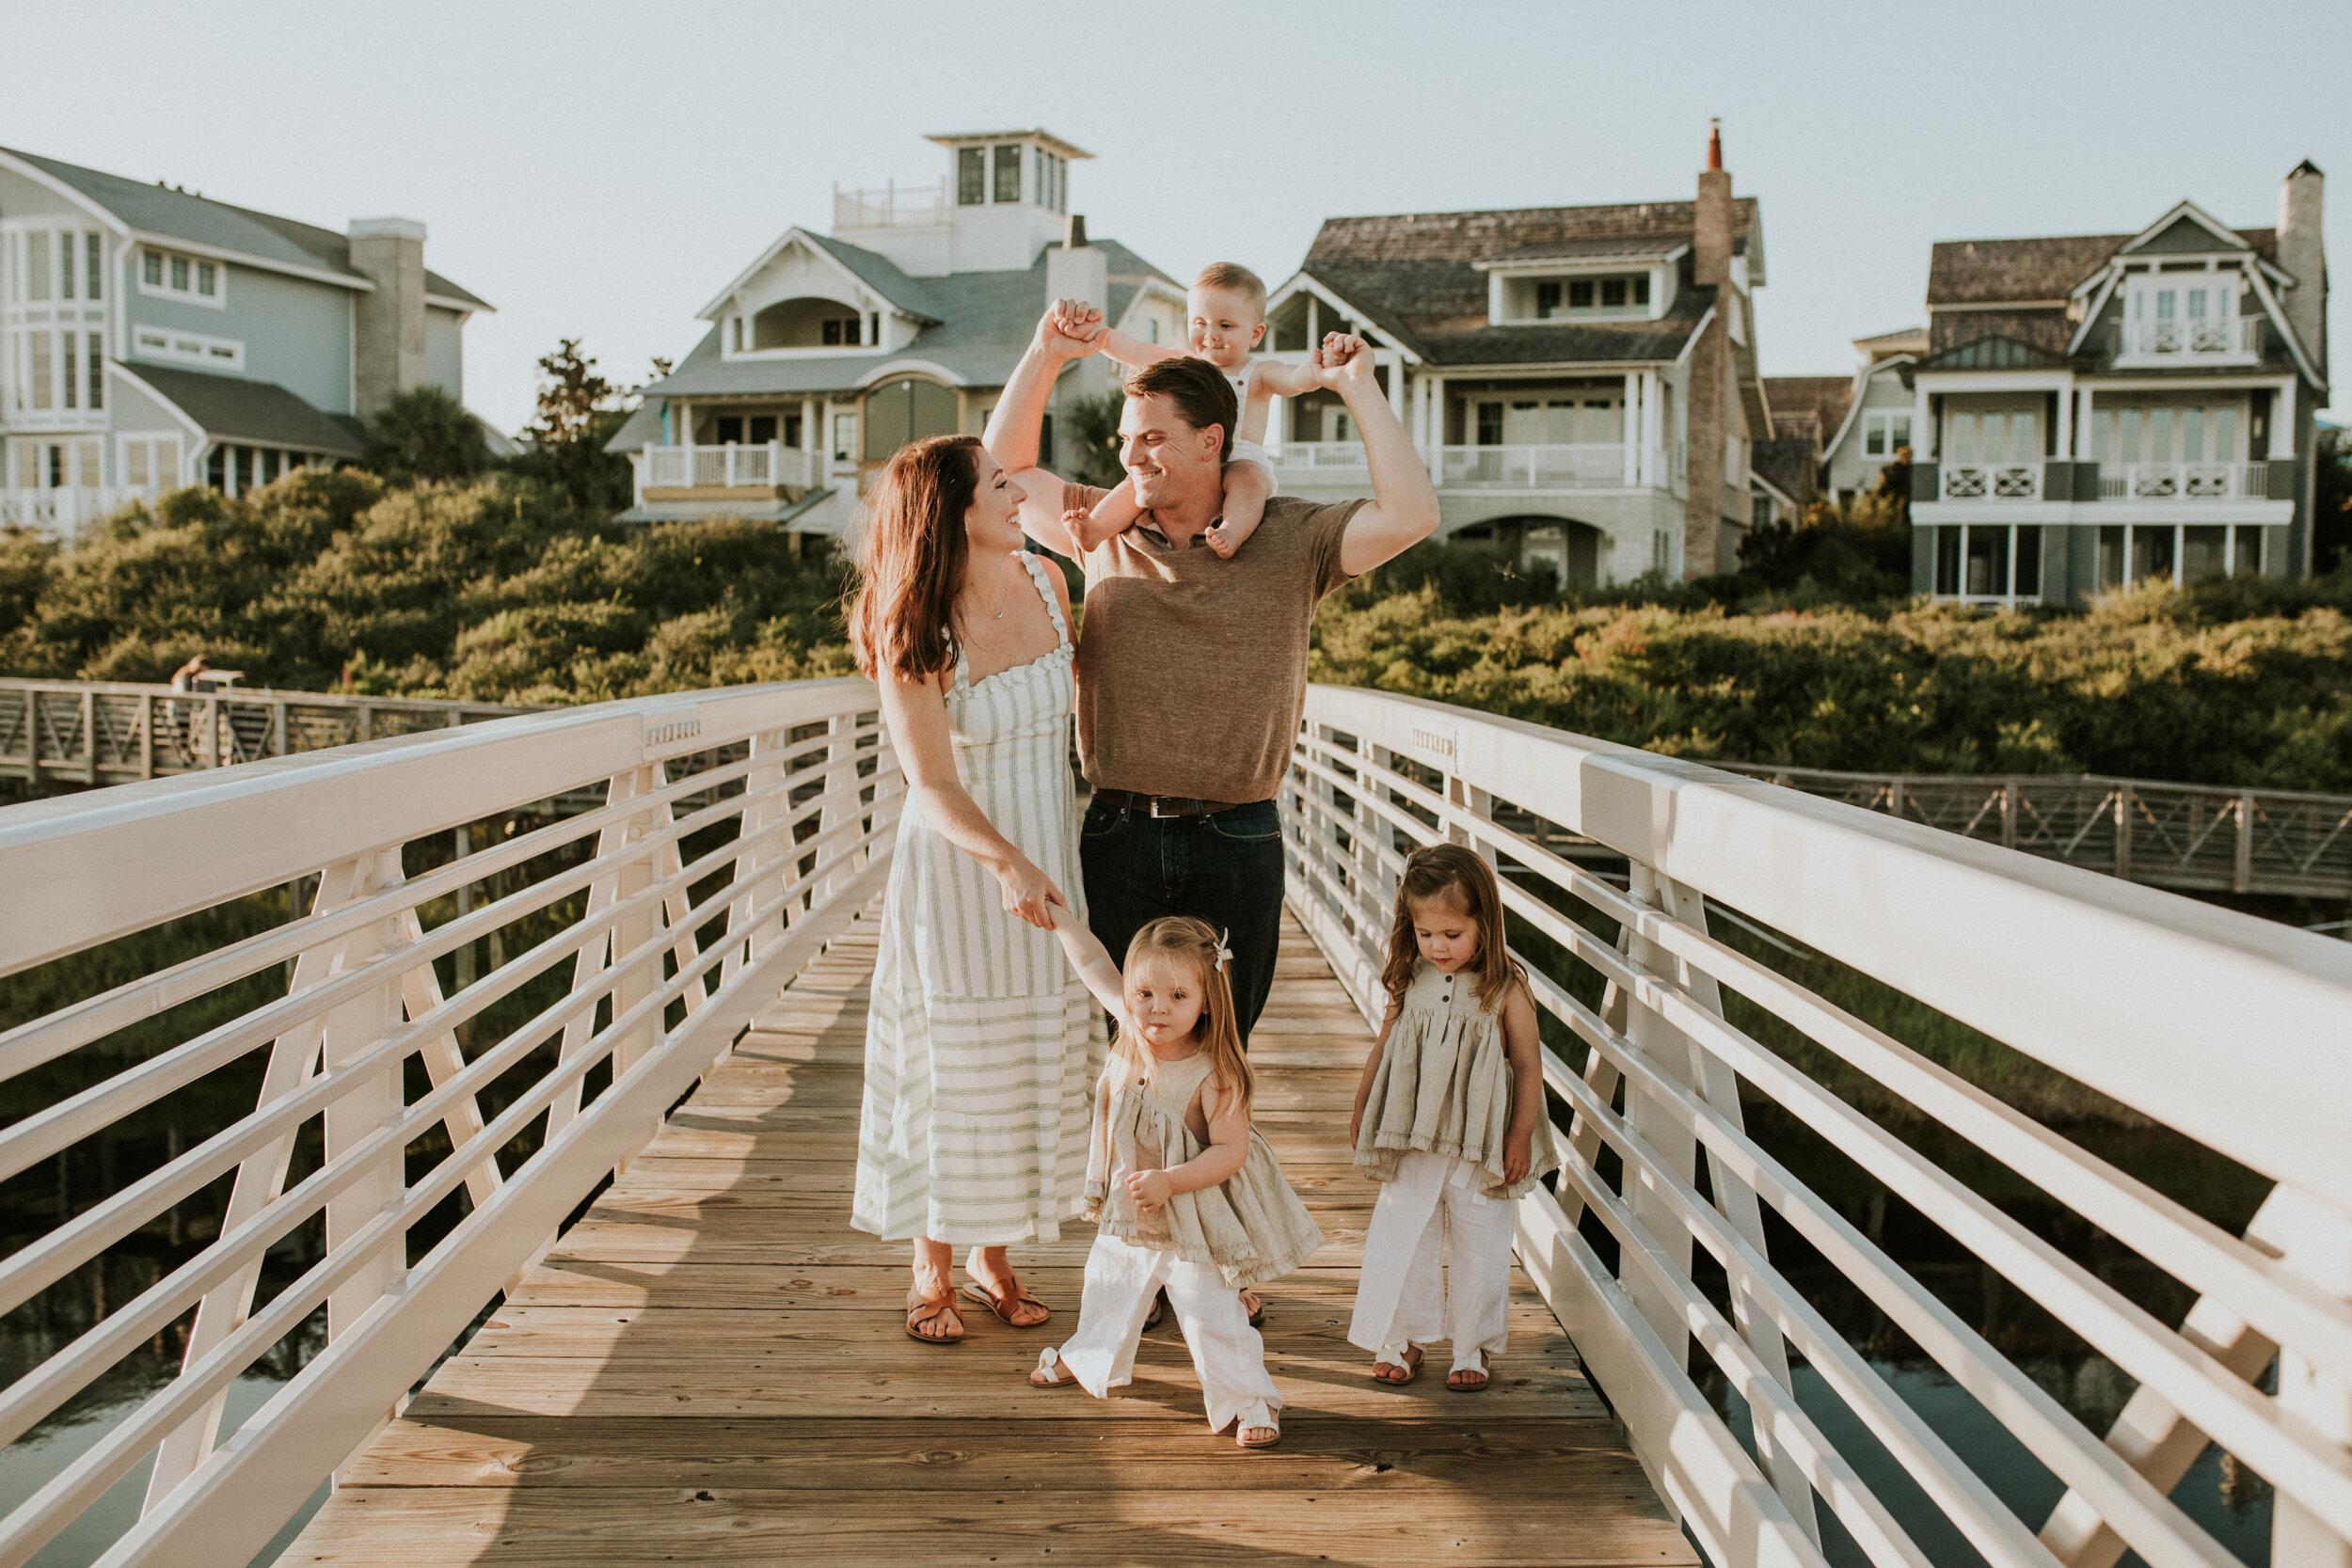 30a_Destin_Watersound_Florida_Family_Photographer_Beach_Photos-8.jpg